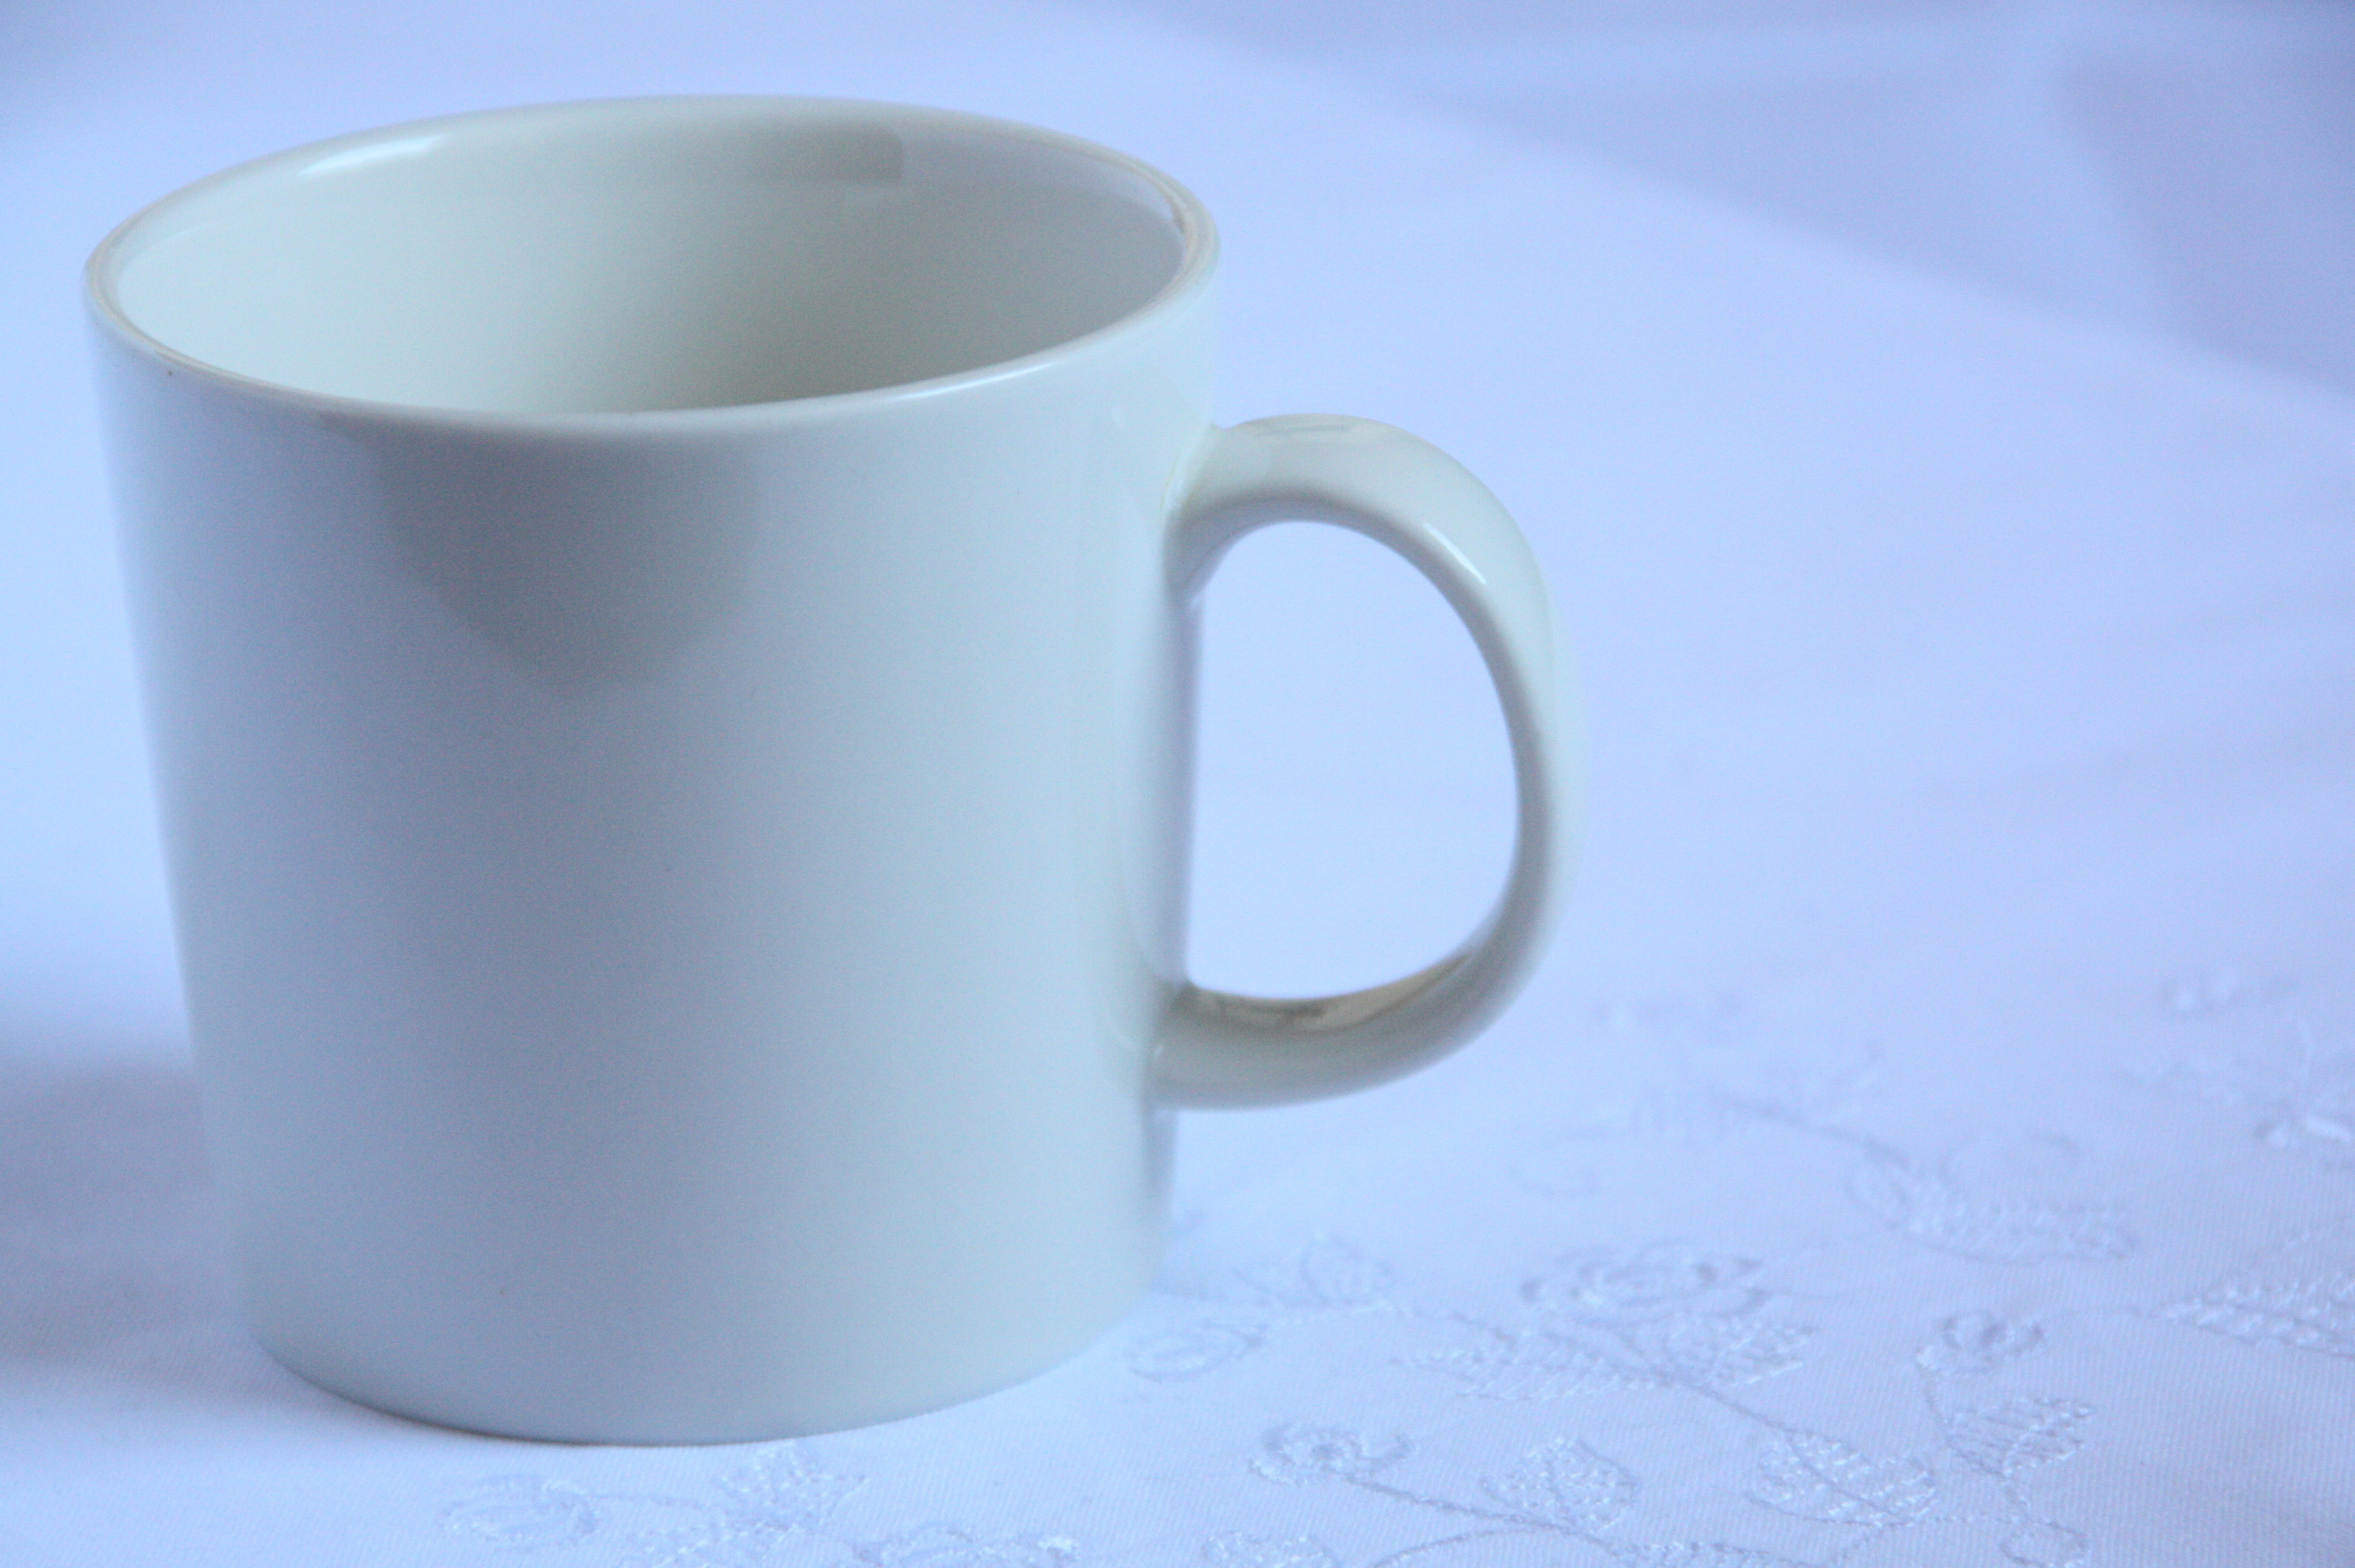 イッタラ コーヒーカップ